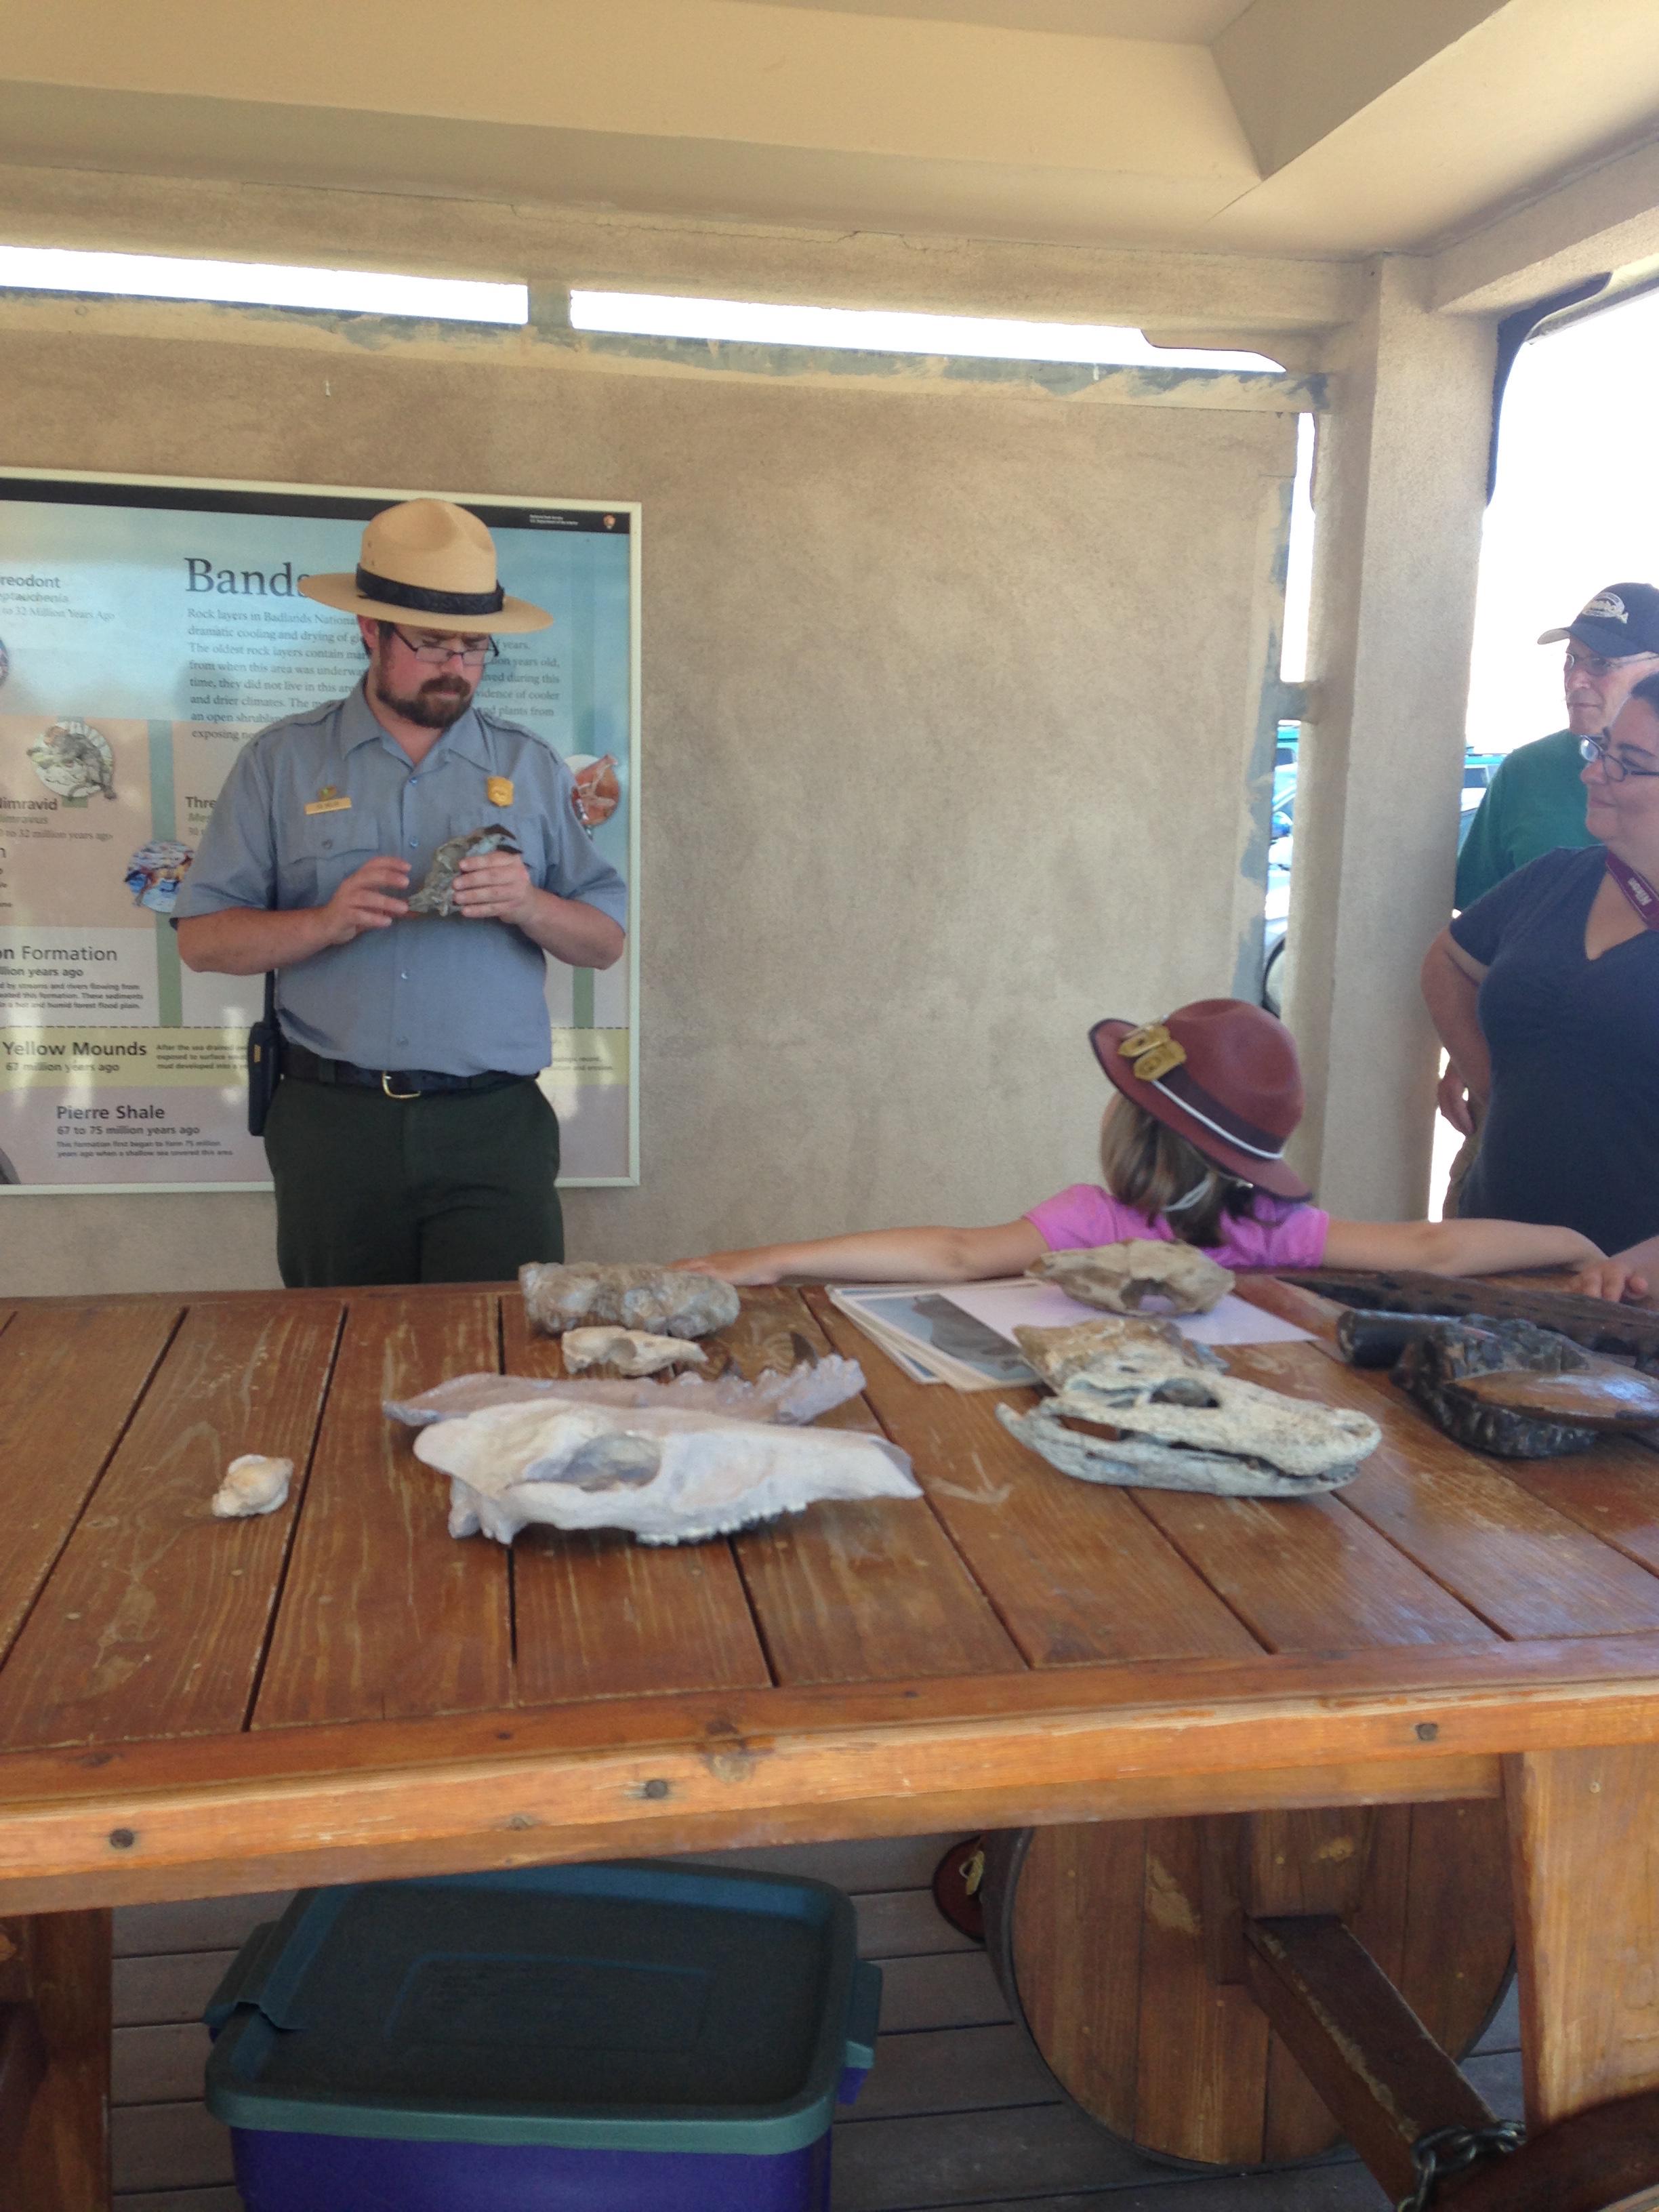 Badlands ranger giving talk on fossils